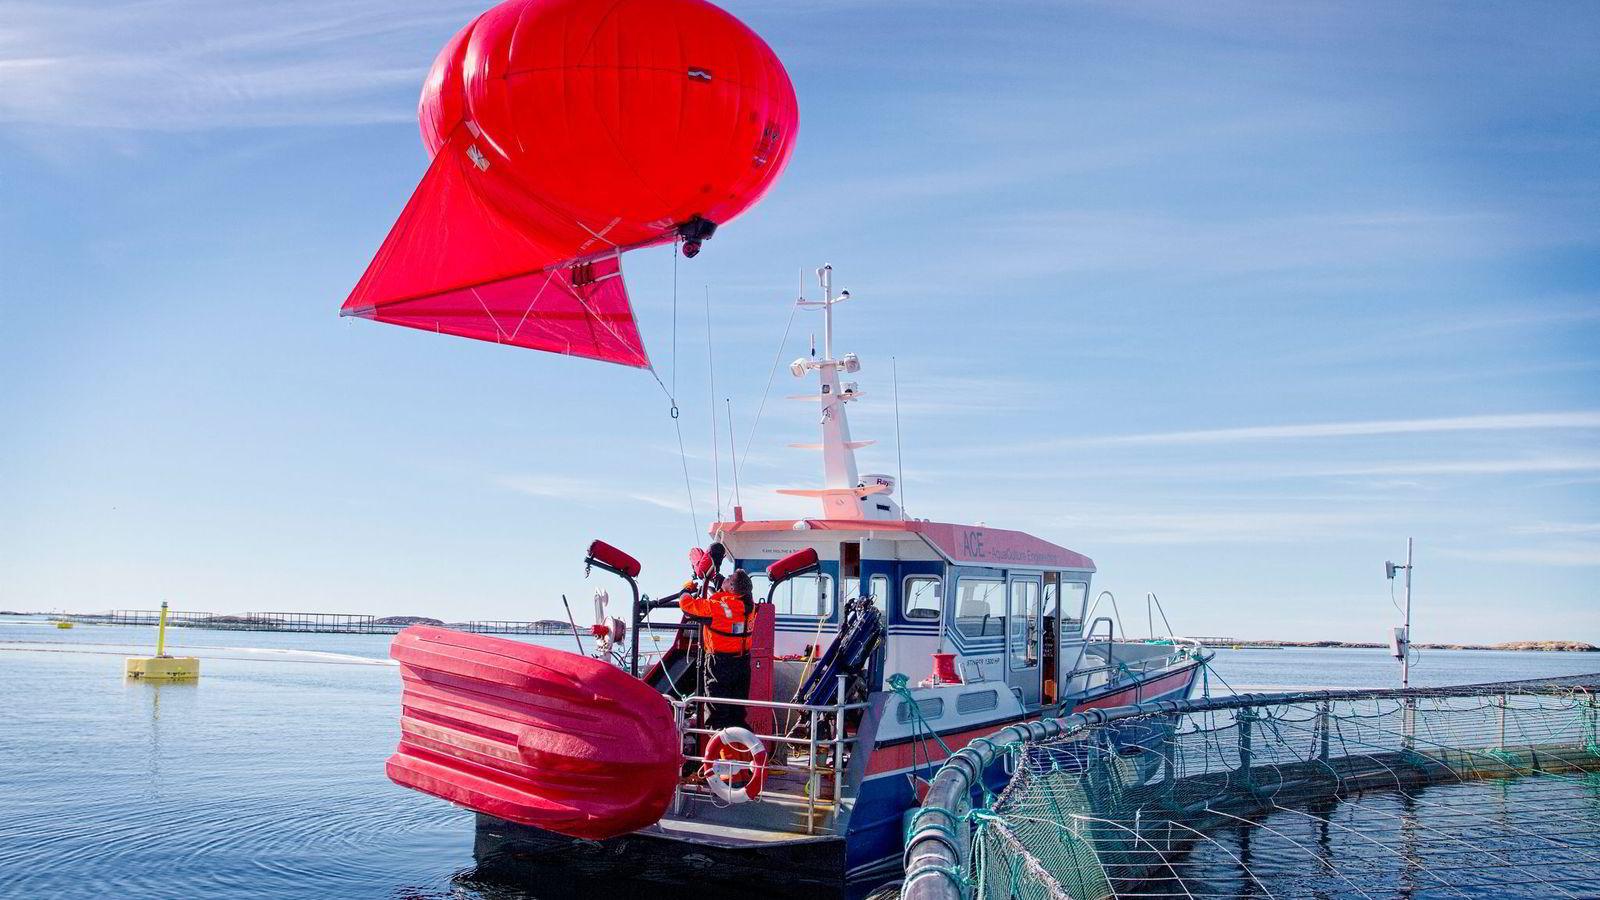 I Sintefs sensodrone-prosjekt brukes en heliumballong utstyrt med infrarødt kamera som sender data trådløst og styres fra bakken.